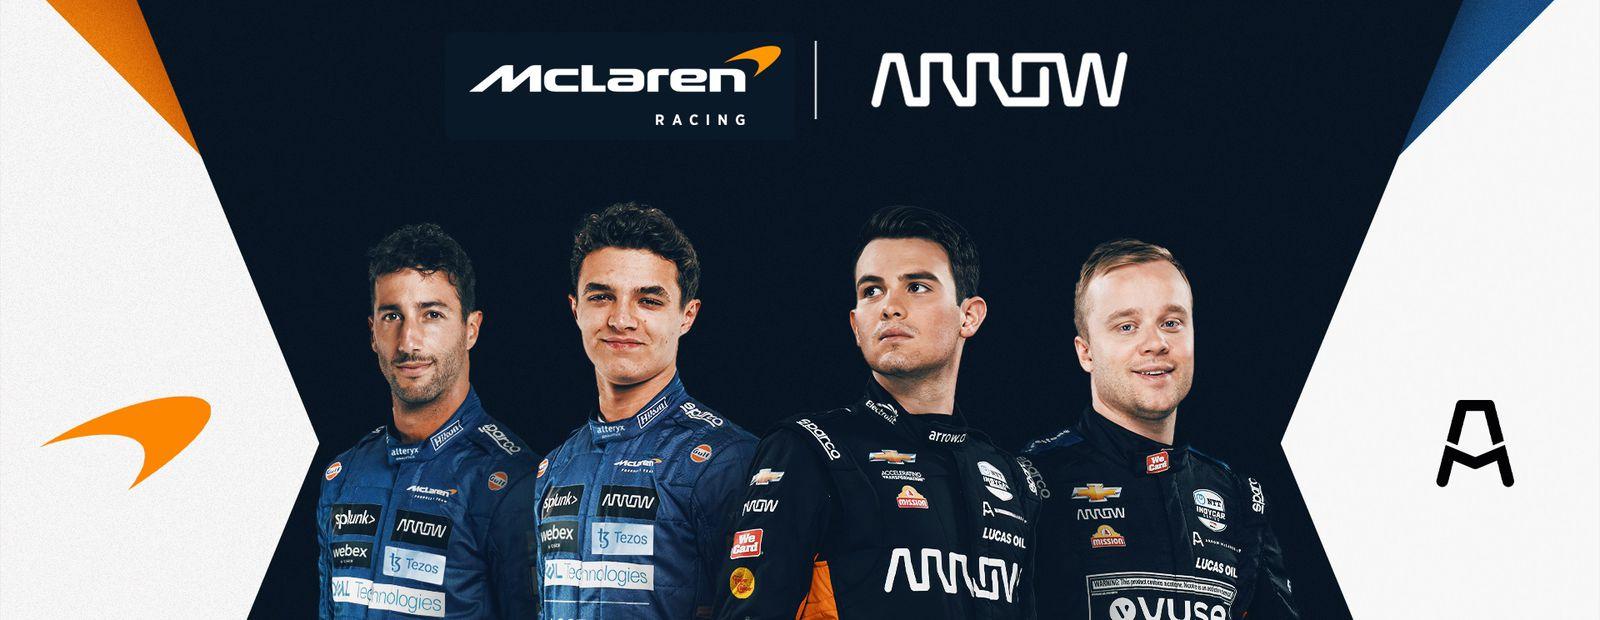 McLaren Racing and Arrow Electronics announce long-term partnership extension